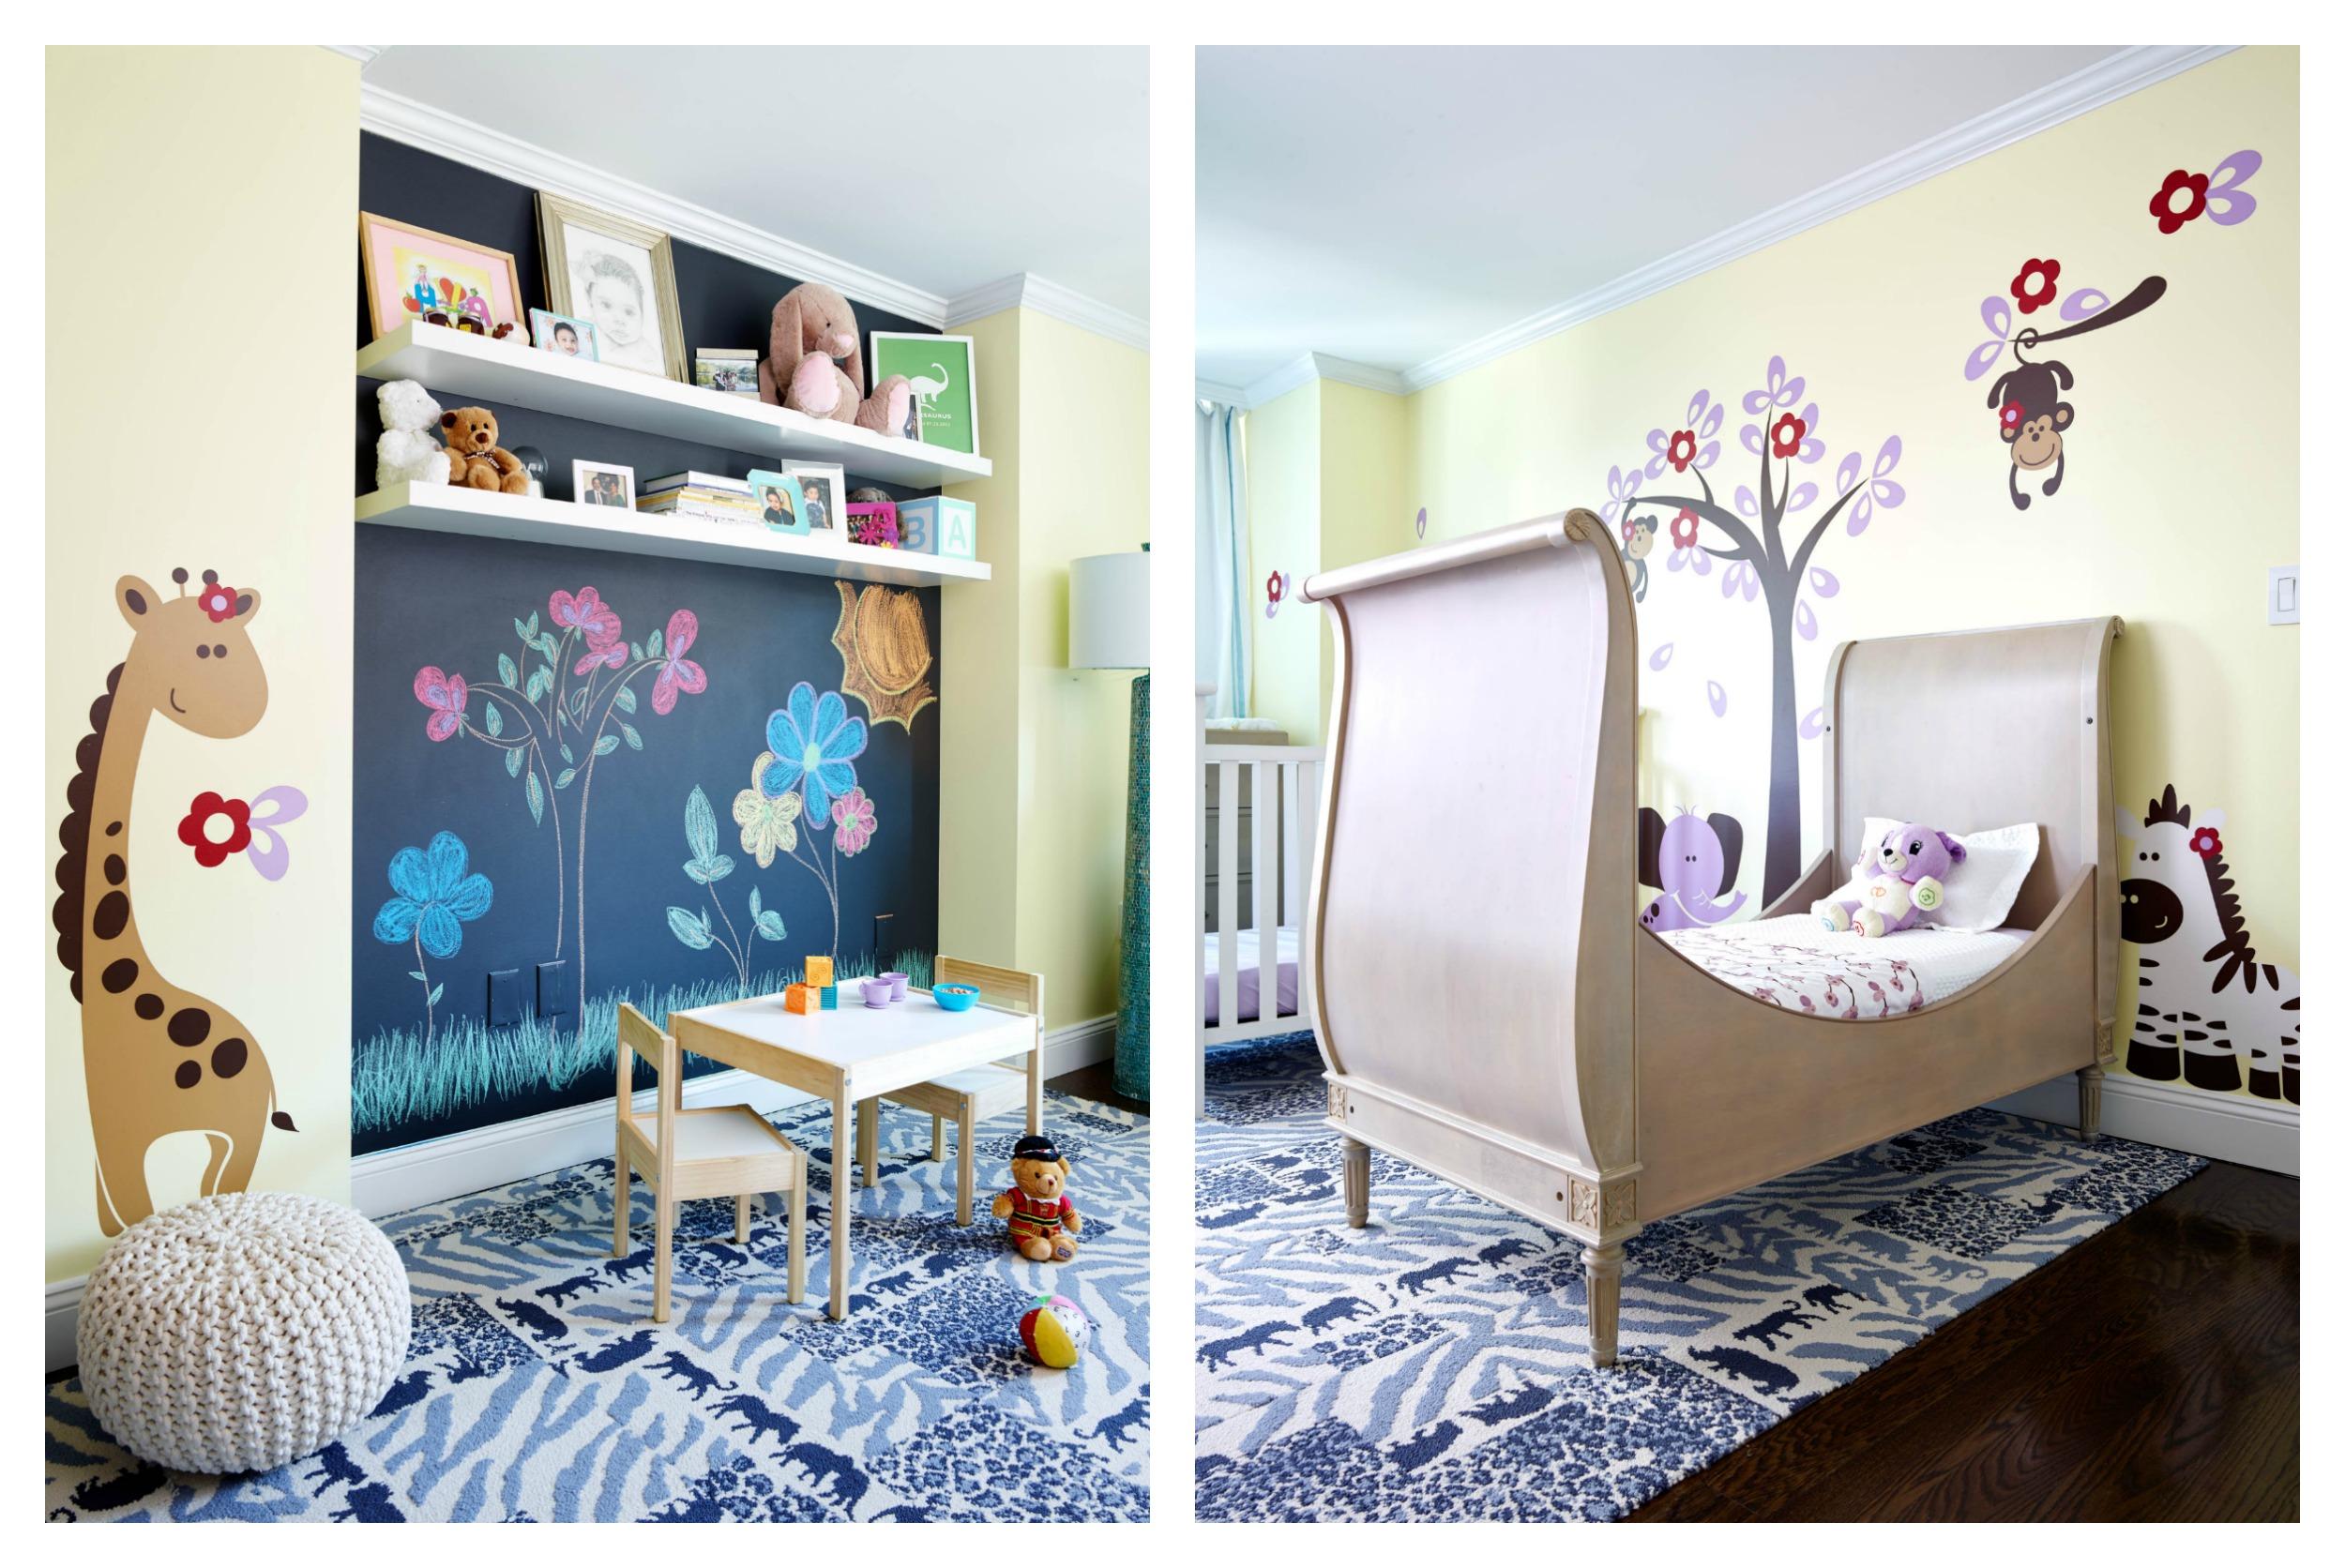 upper-east-side-kids-bedroom-playroom.jpg